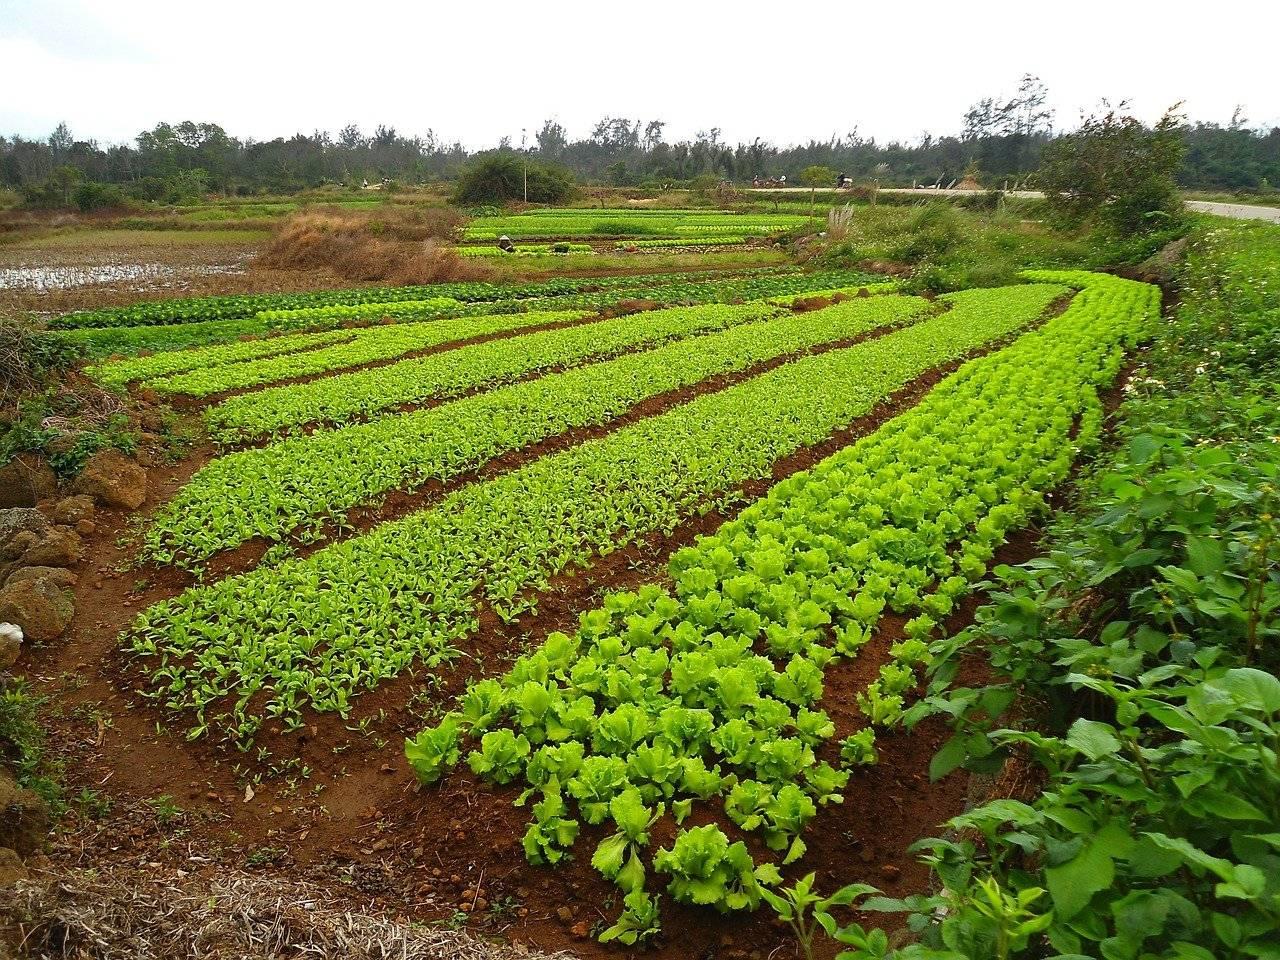 Редька масличная как сидерат и удобрение – когда сеять, особенности применения